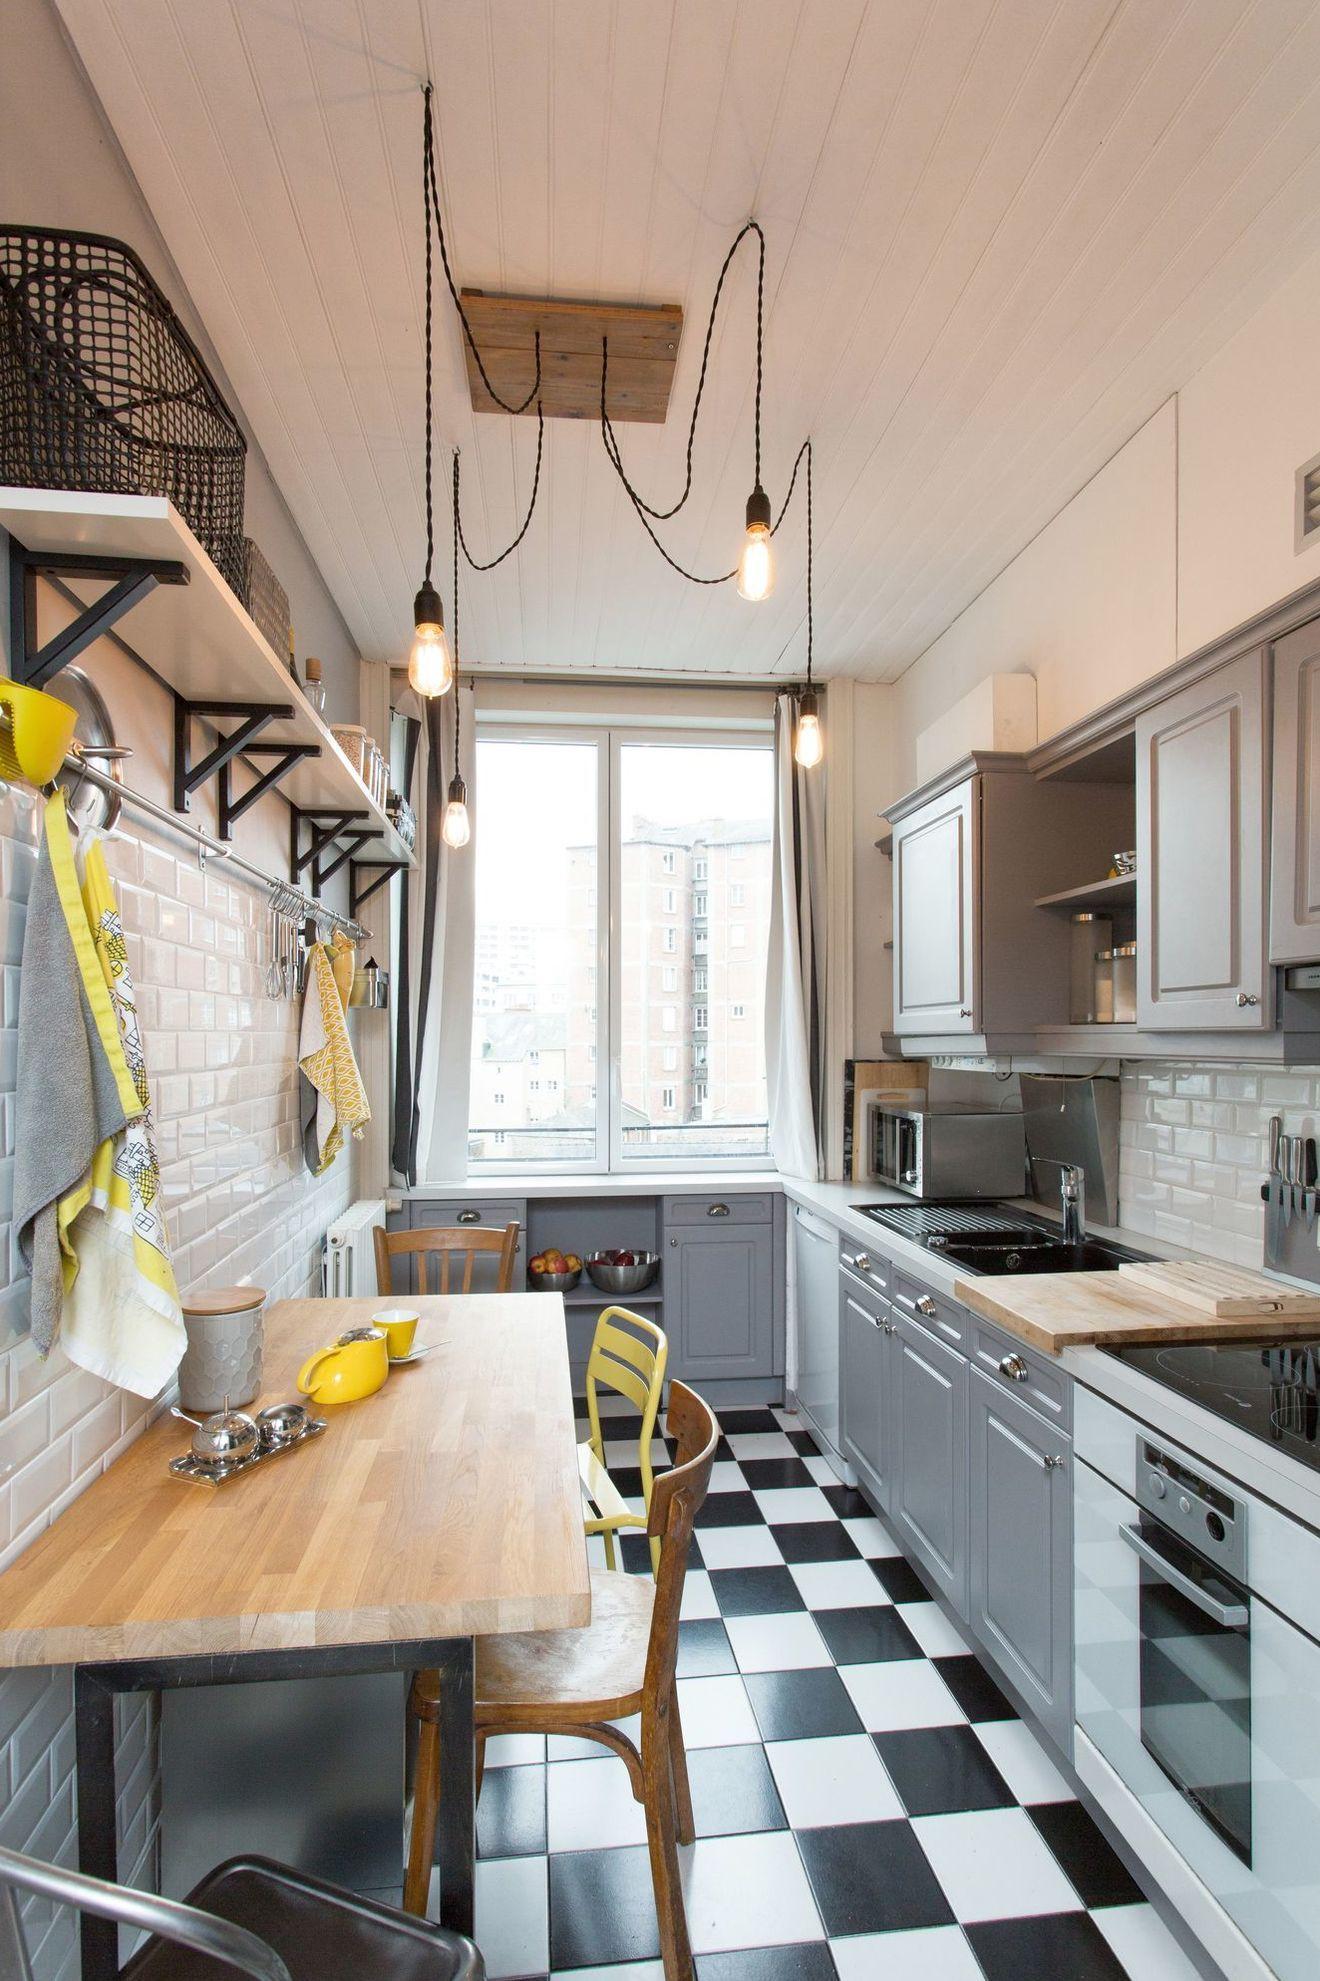 Cuisine Ikea Relookee Idees Pour La Personnaliser En 2020 Avec Images Meuble Cuisine Cuisines Retro Cuisines Design